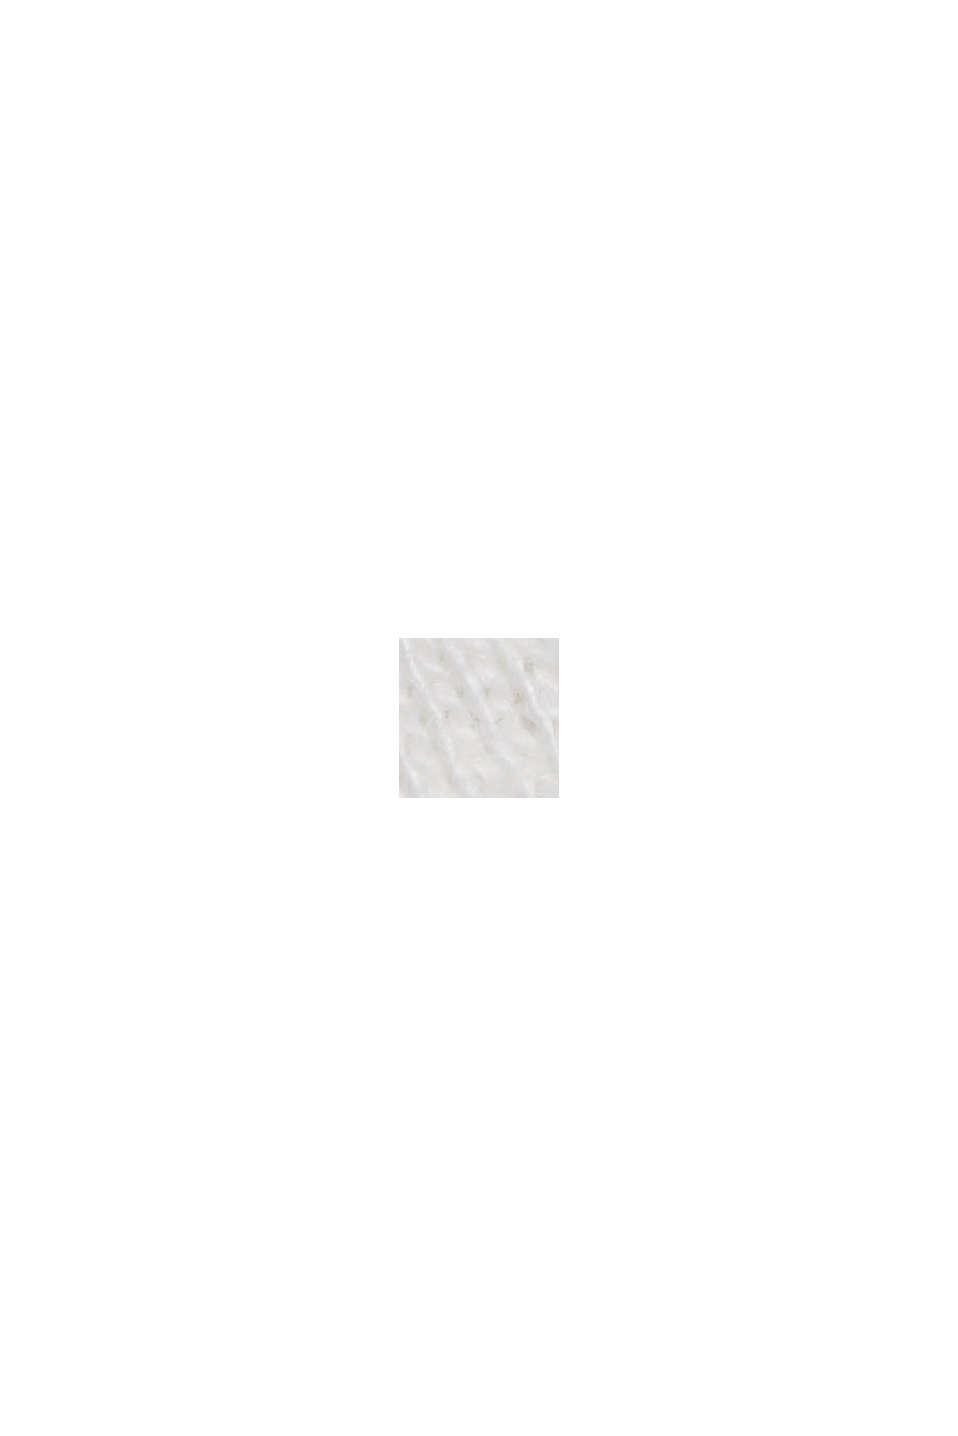 In materiale riciclato: t-shirt con cotone biologico, OFF WHITE, swatch